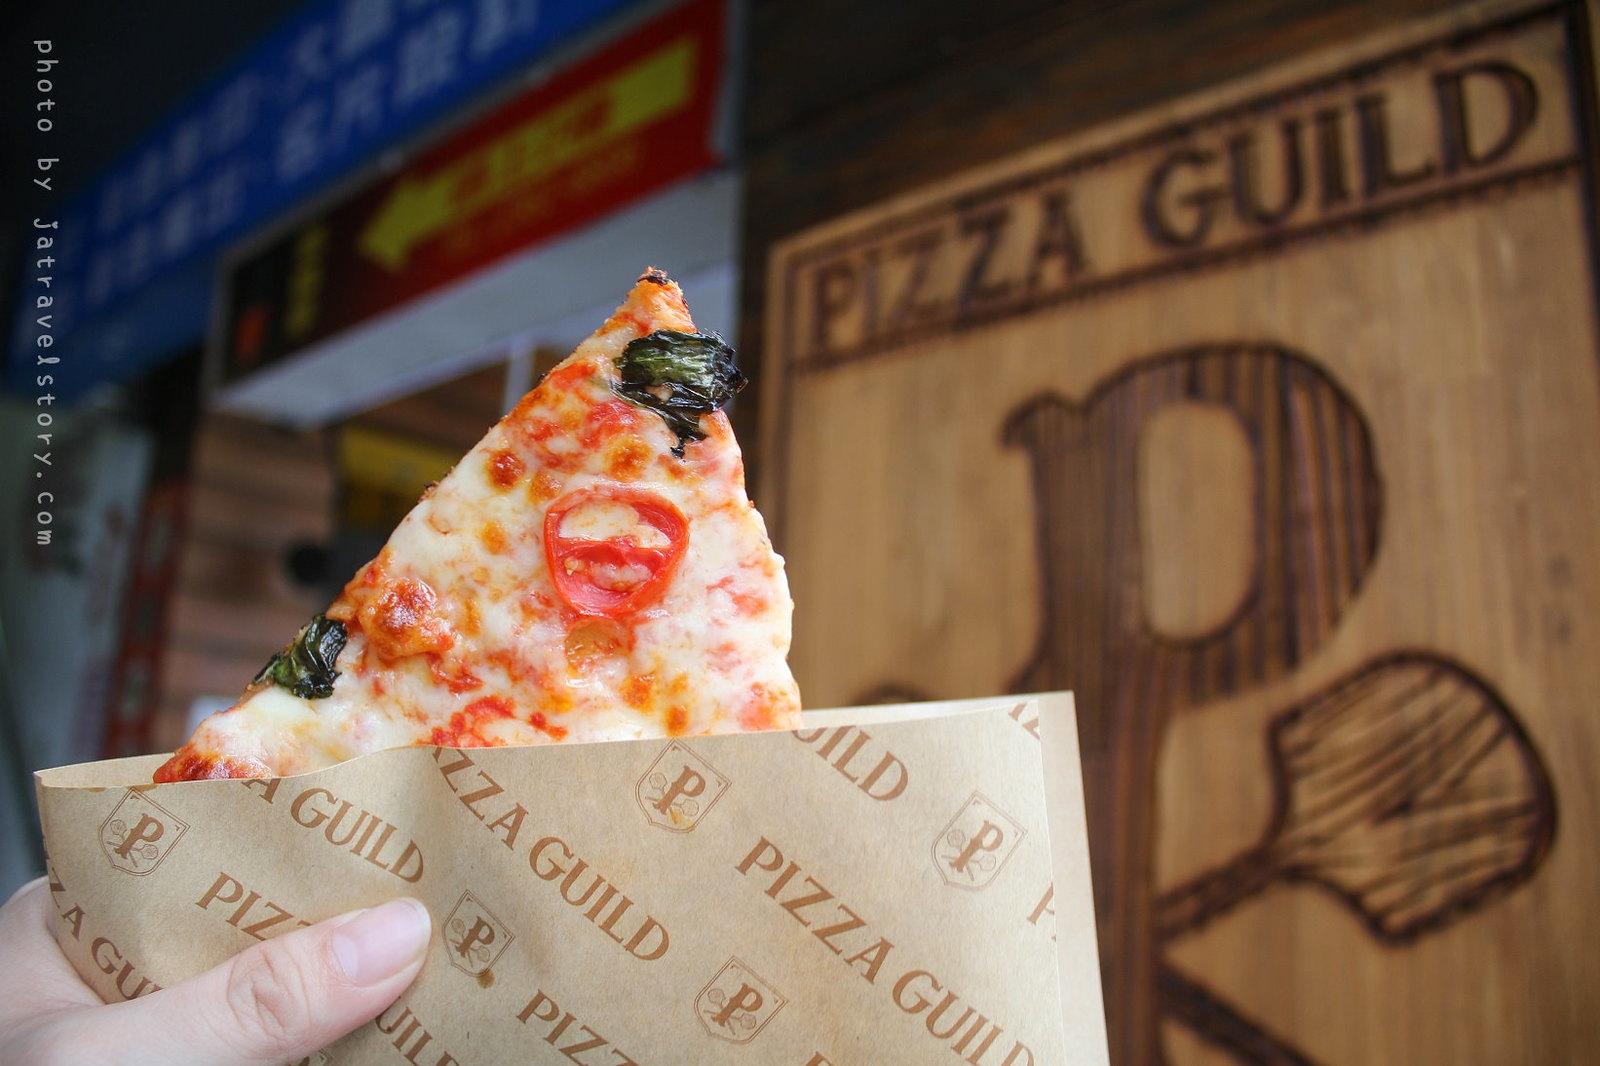 最新推播訊息:下午茶來吃片披薩吧😋單片披薩$45起!